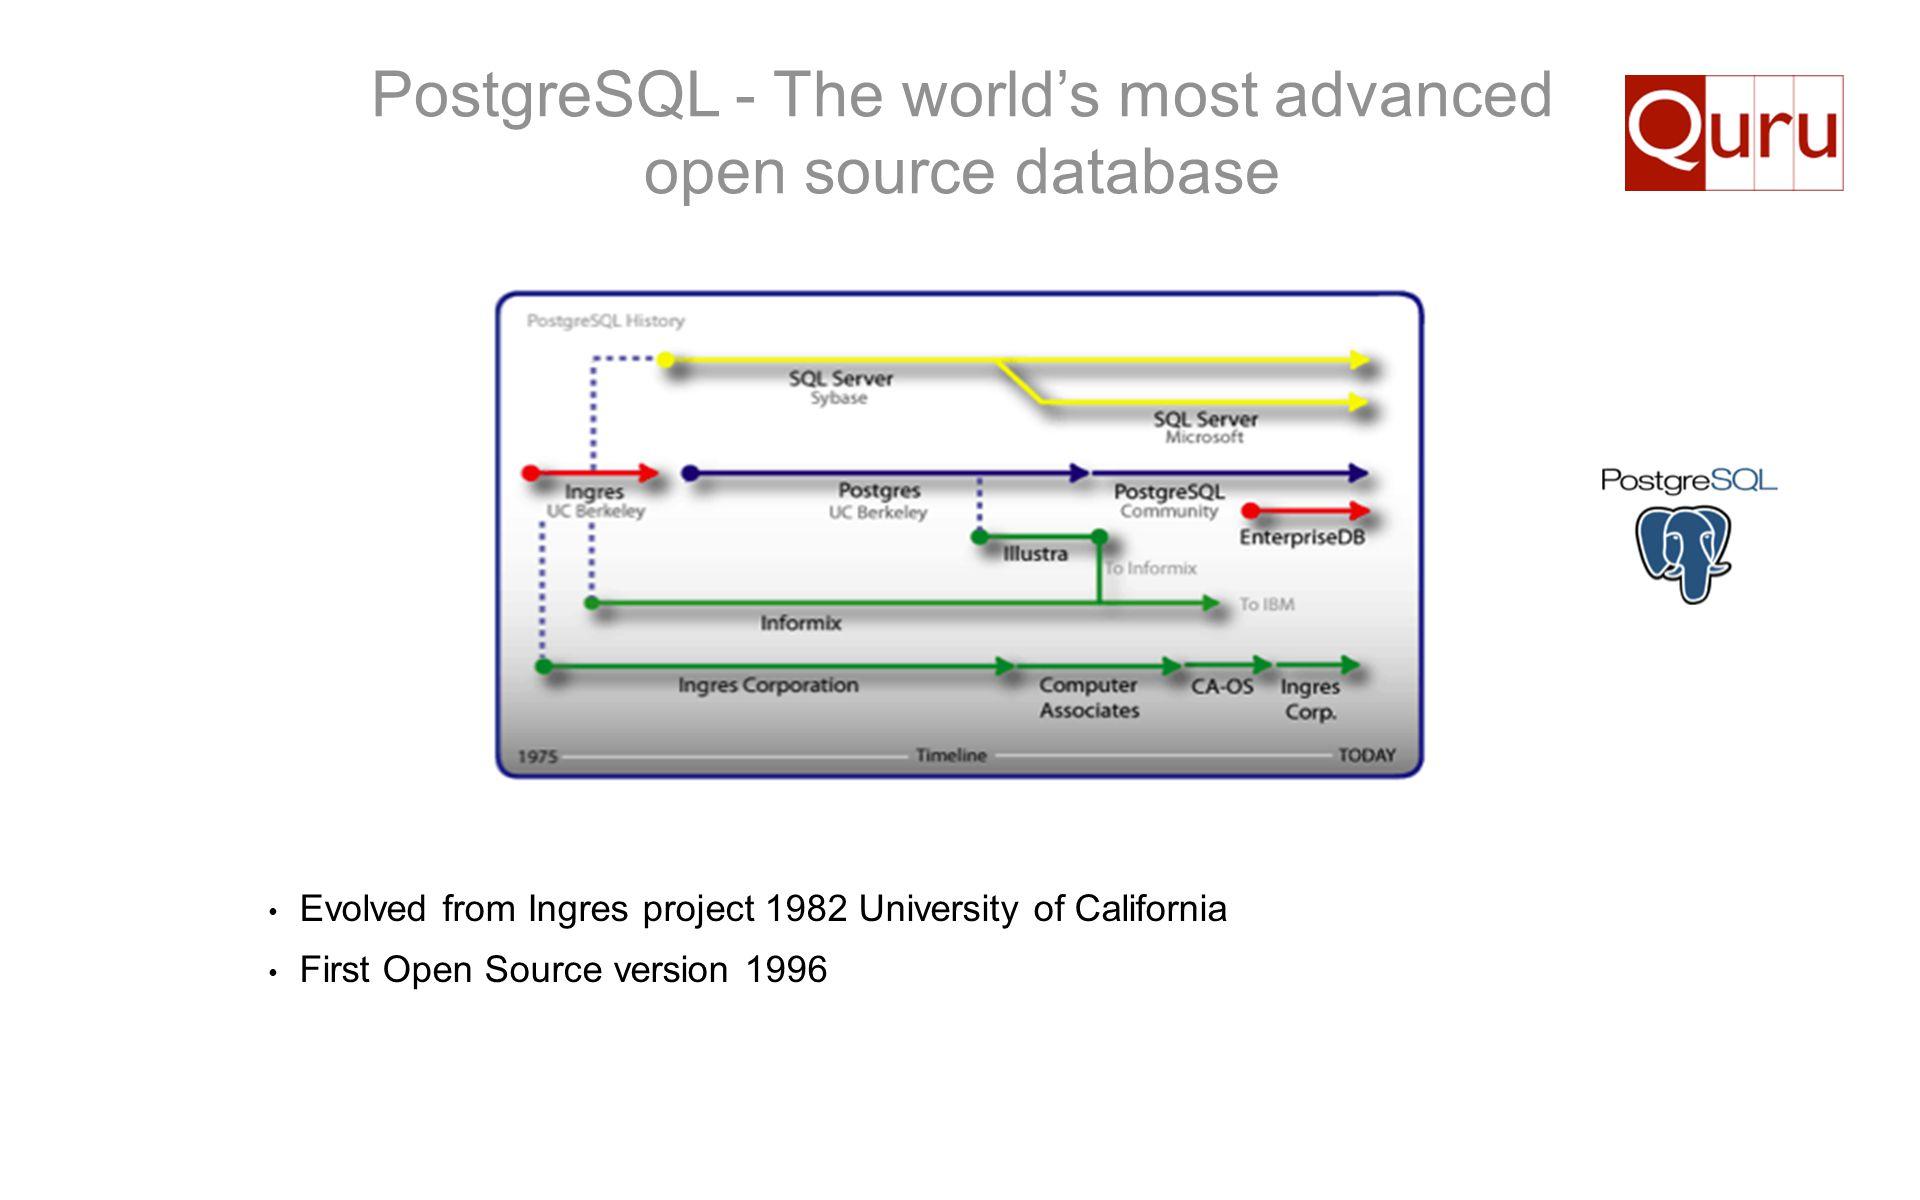 PostgreSQL - The world's most advanced